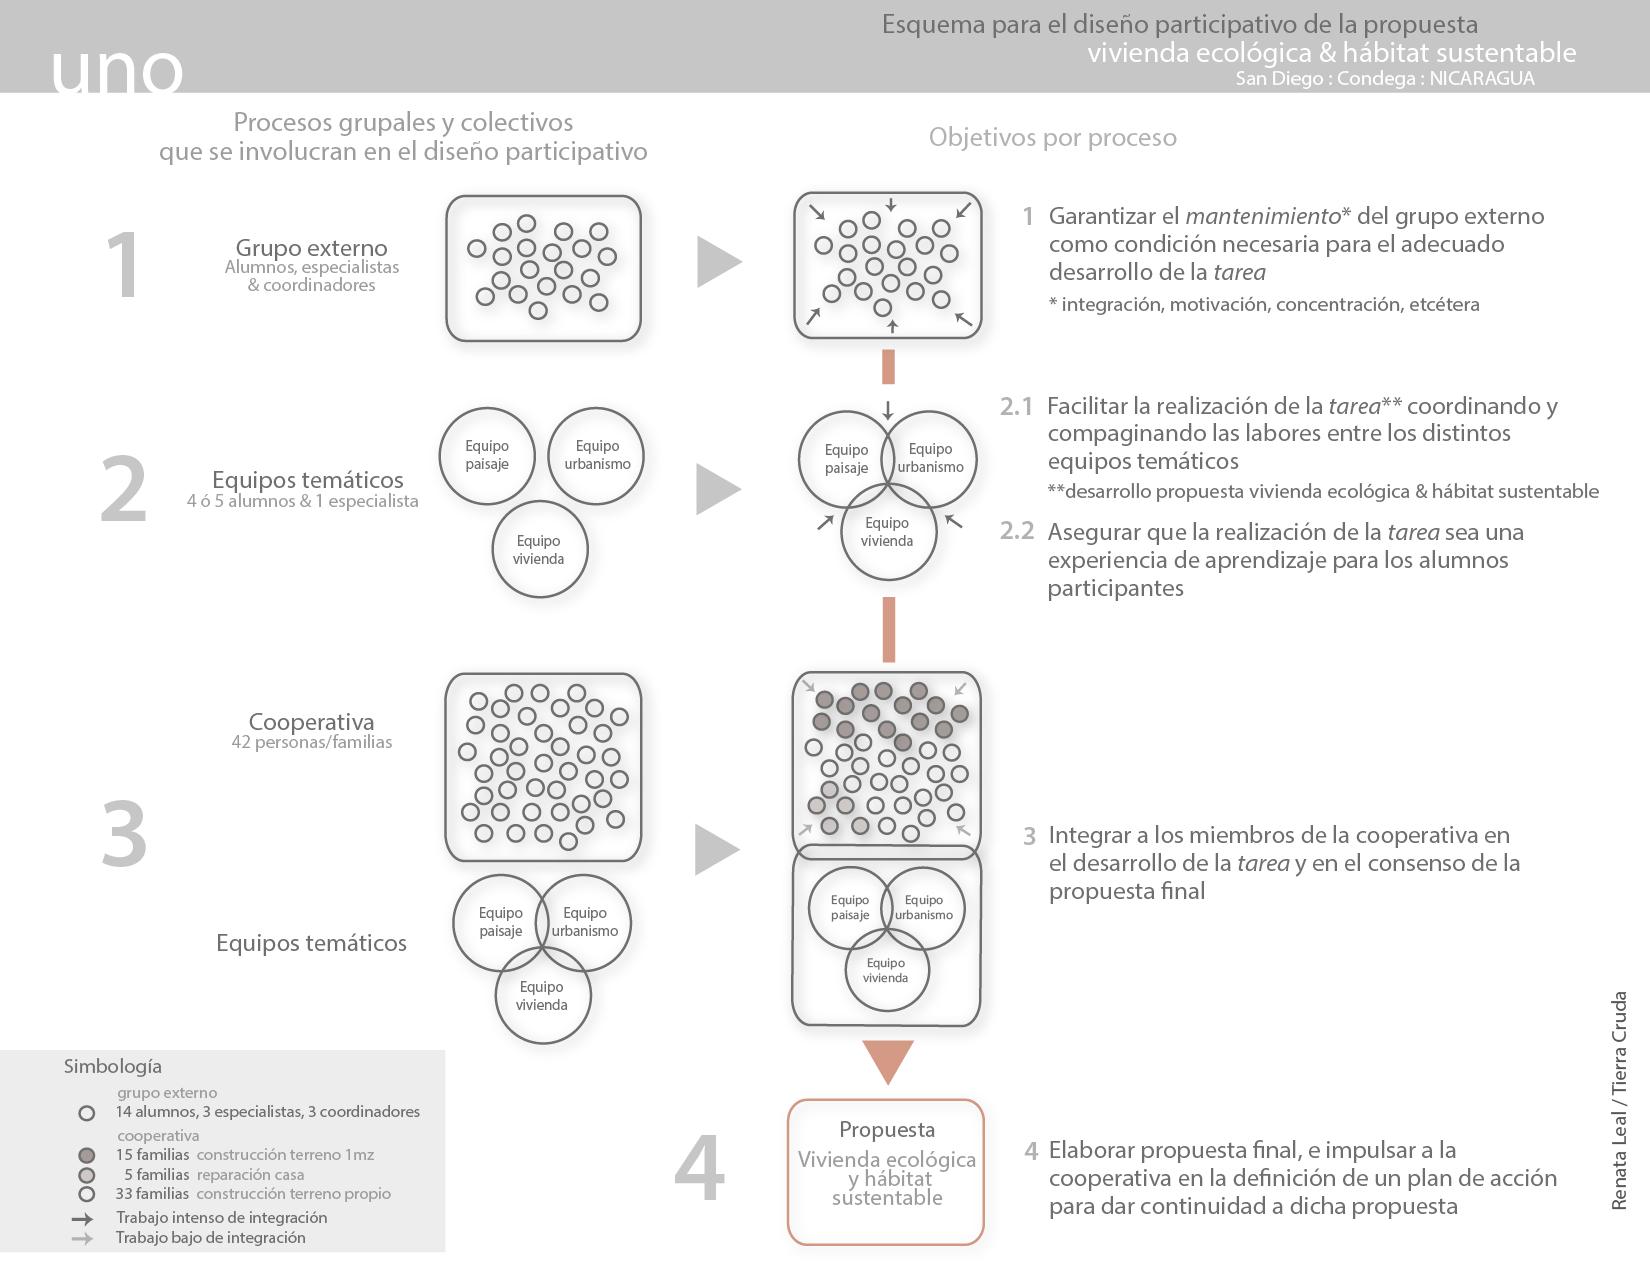 gráfico diseño participativo NICARAGUA.png